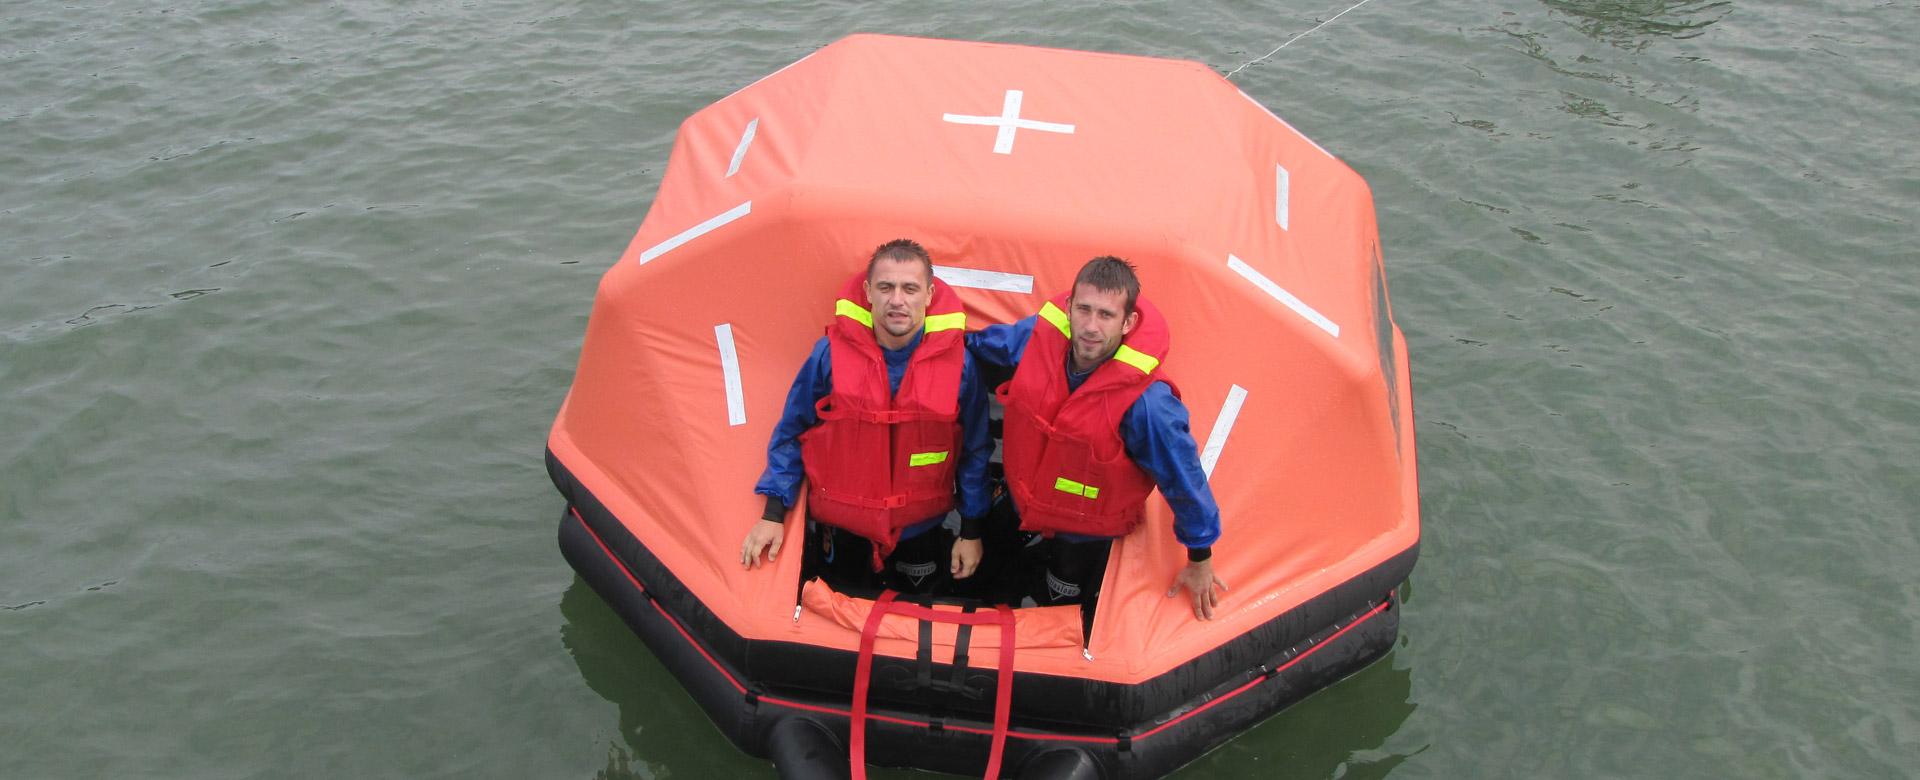 life-vest-slide-2